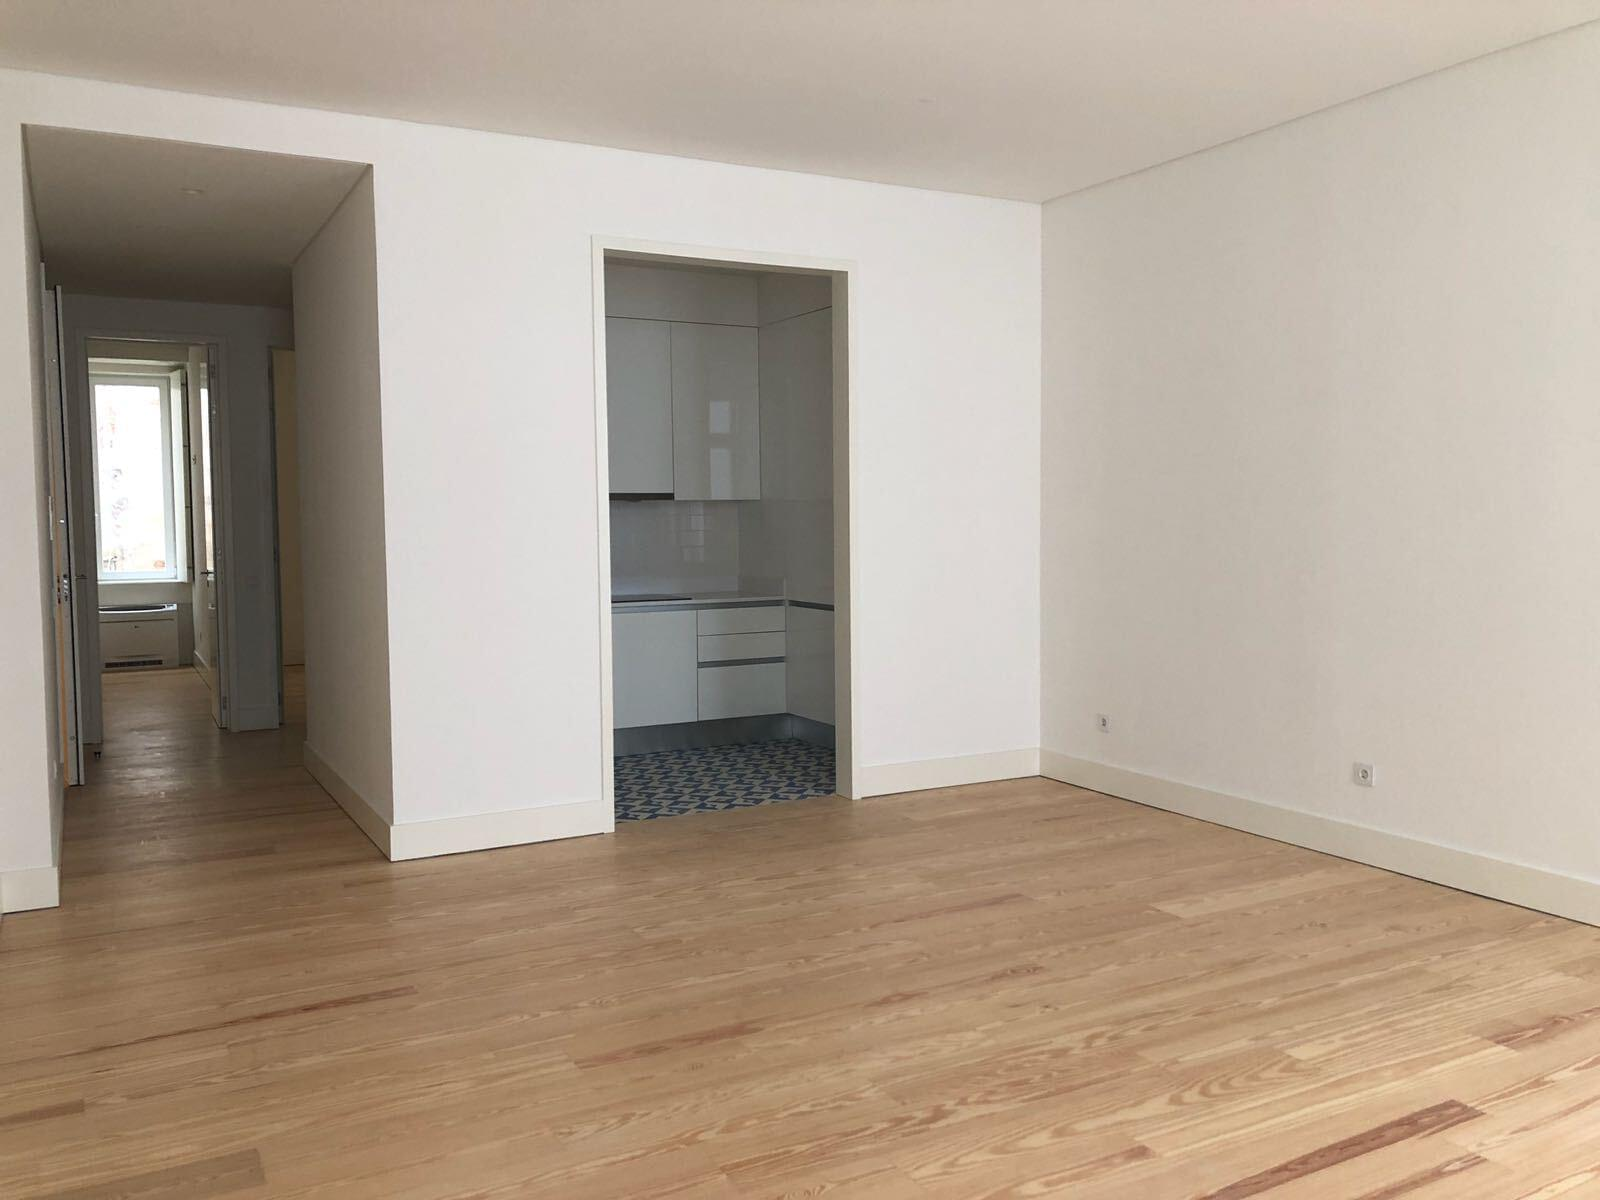 pf17142-apartamento-t2-lisboa-fa0177c8-e225-4851-a4c0-79af64f7ad90